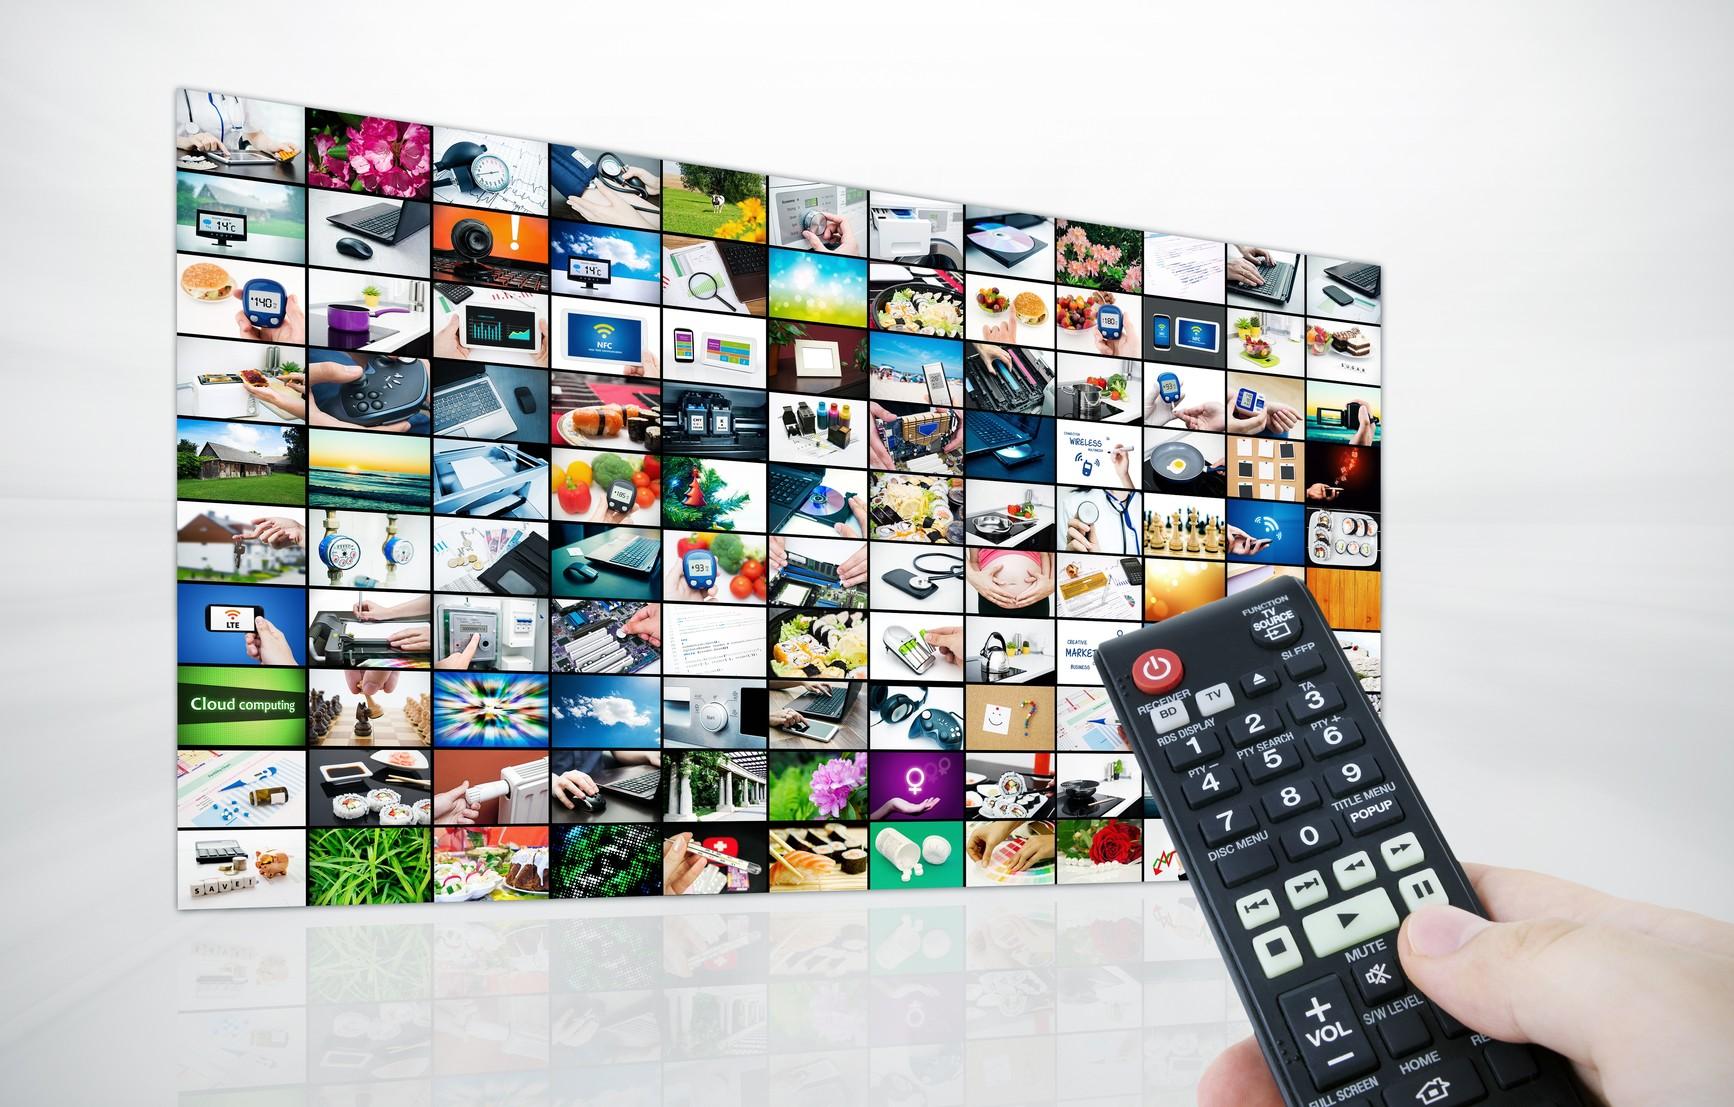 Avec la TNT, vous avez accès à des bouquets de chaînes en haute définition